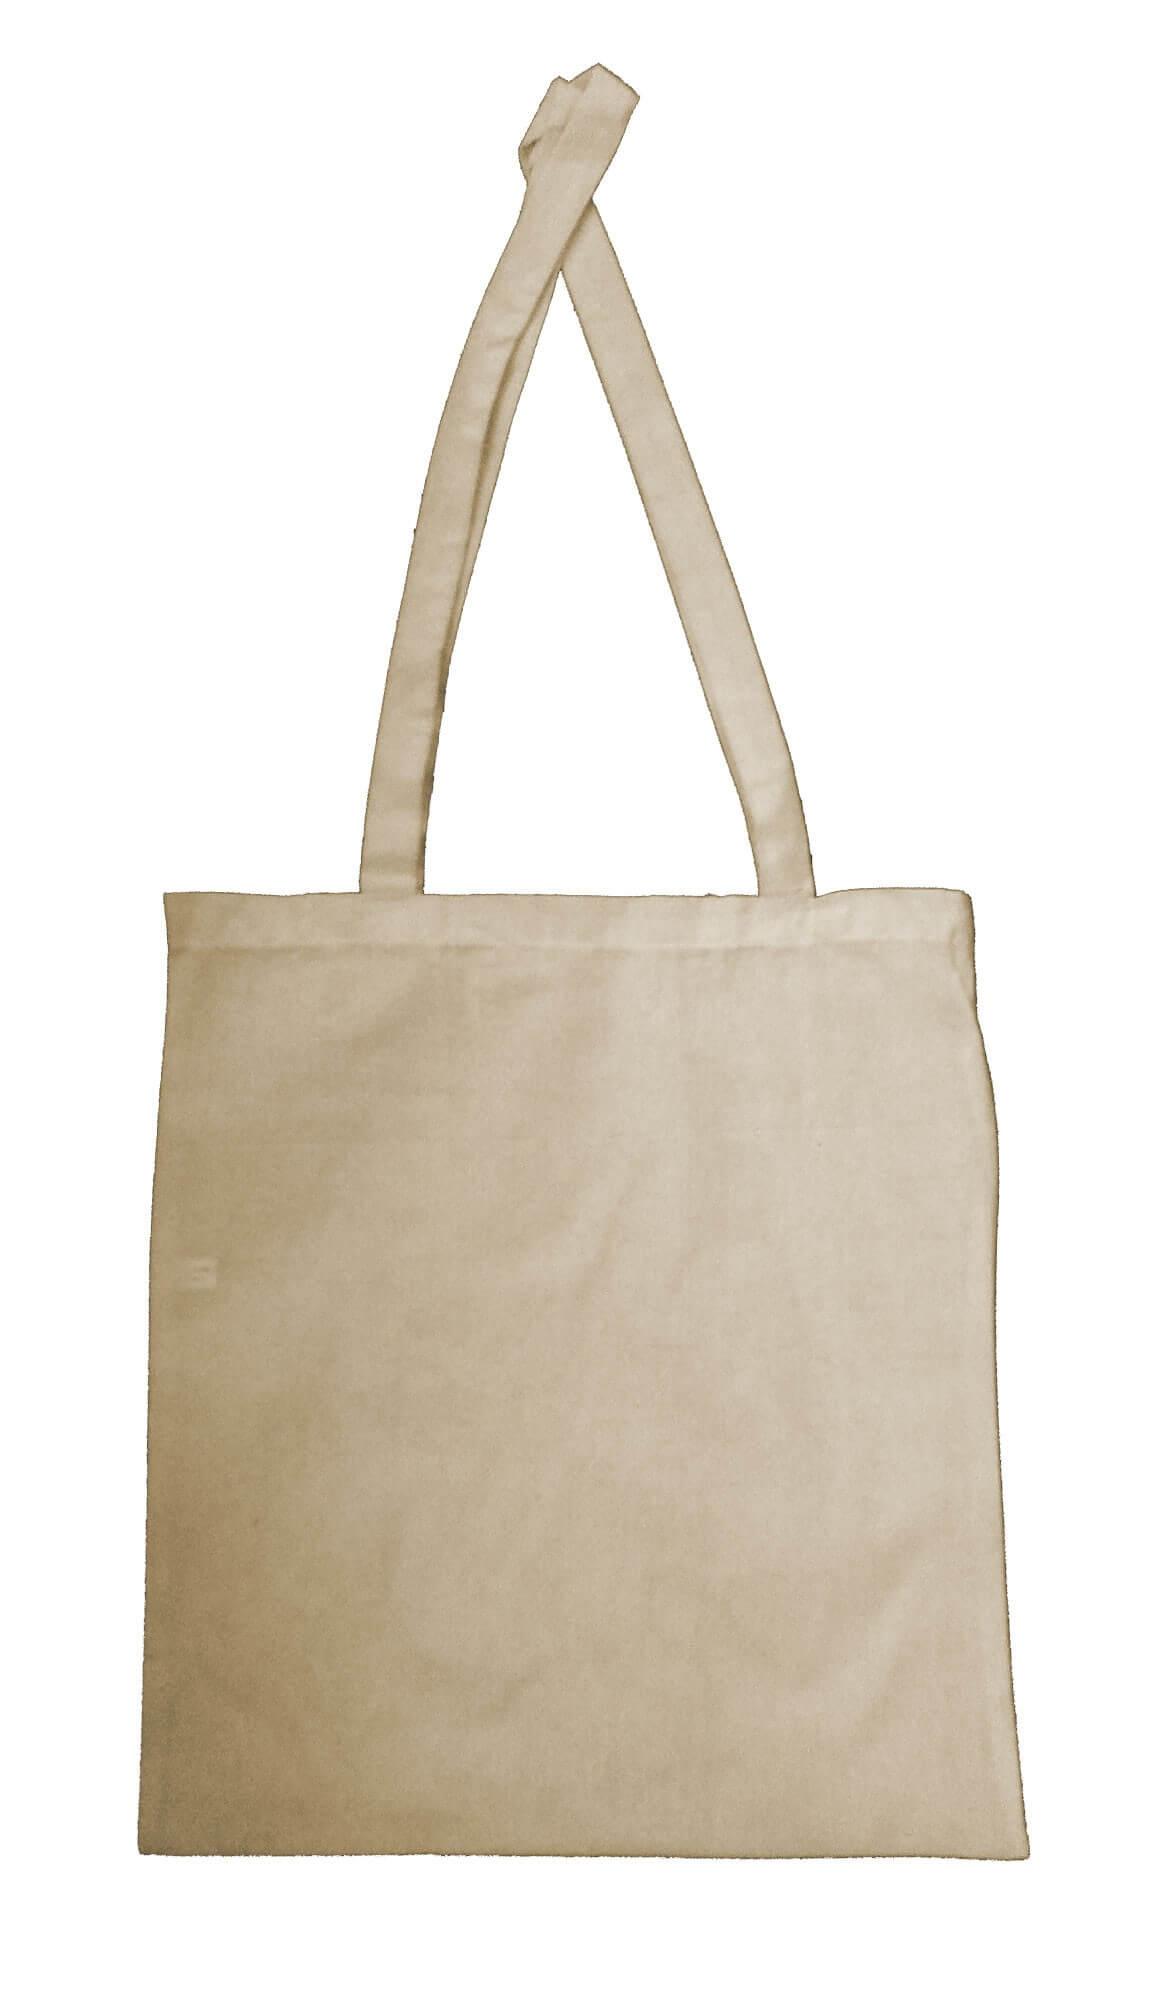 f40f91845 Bavlněná nákupní taška natur, dlouhé ucho